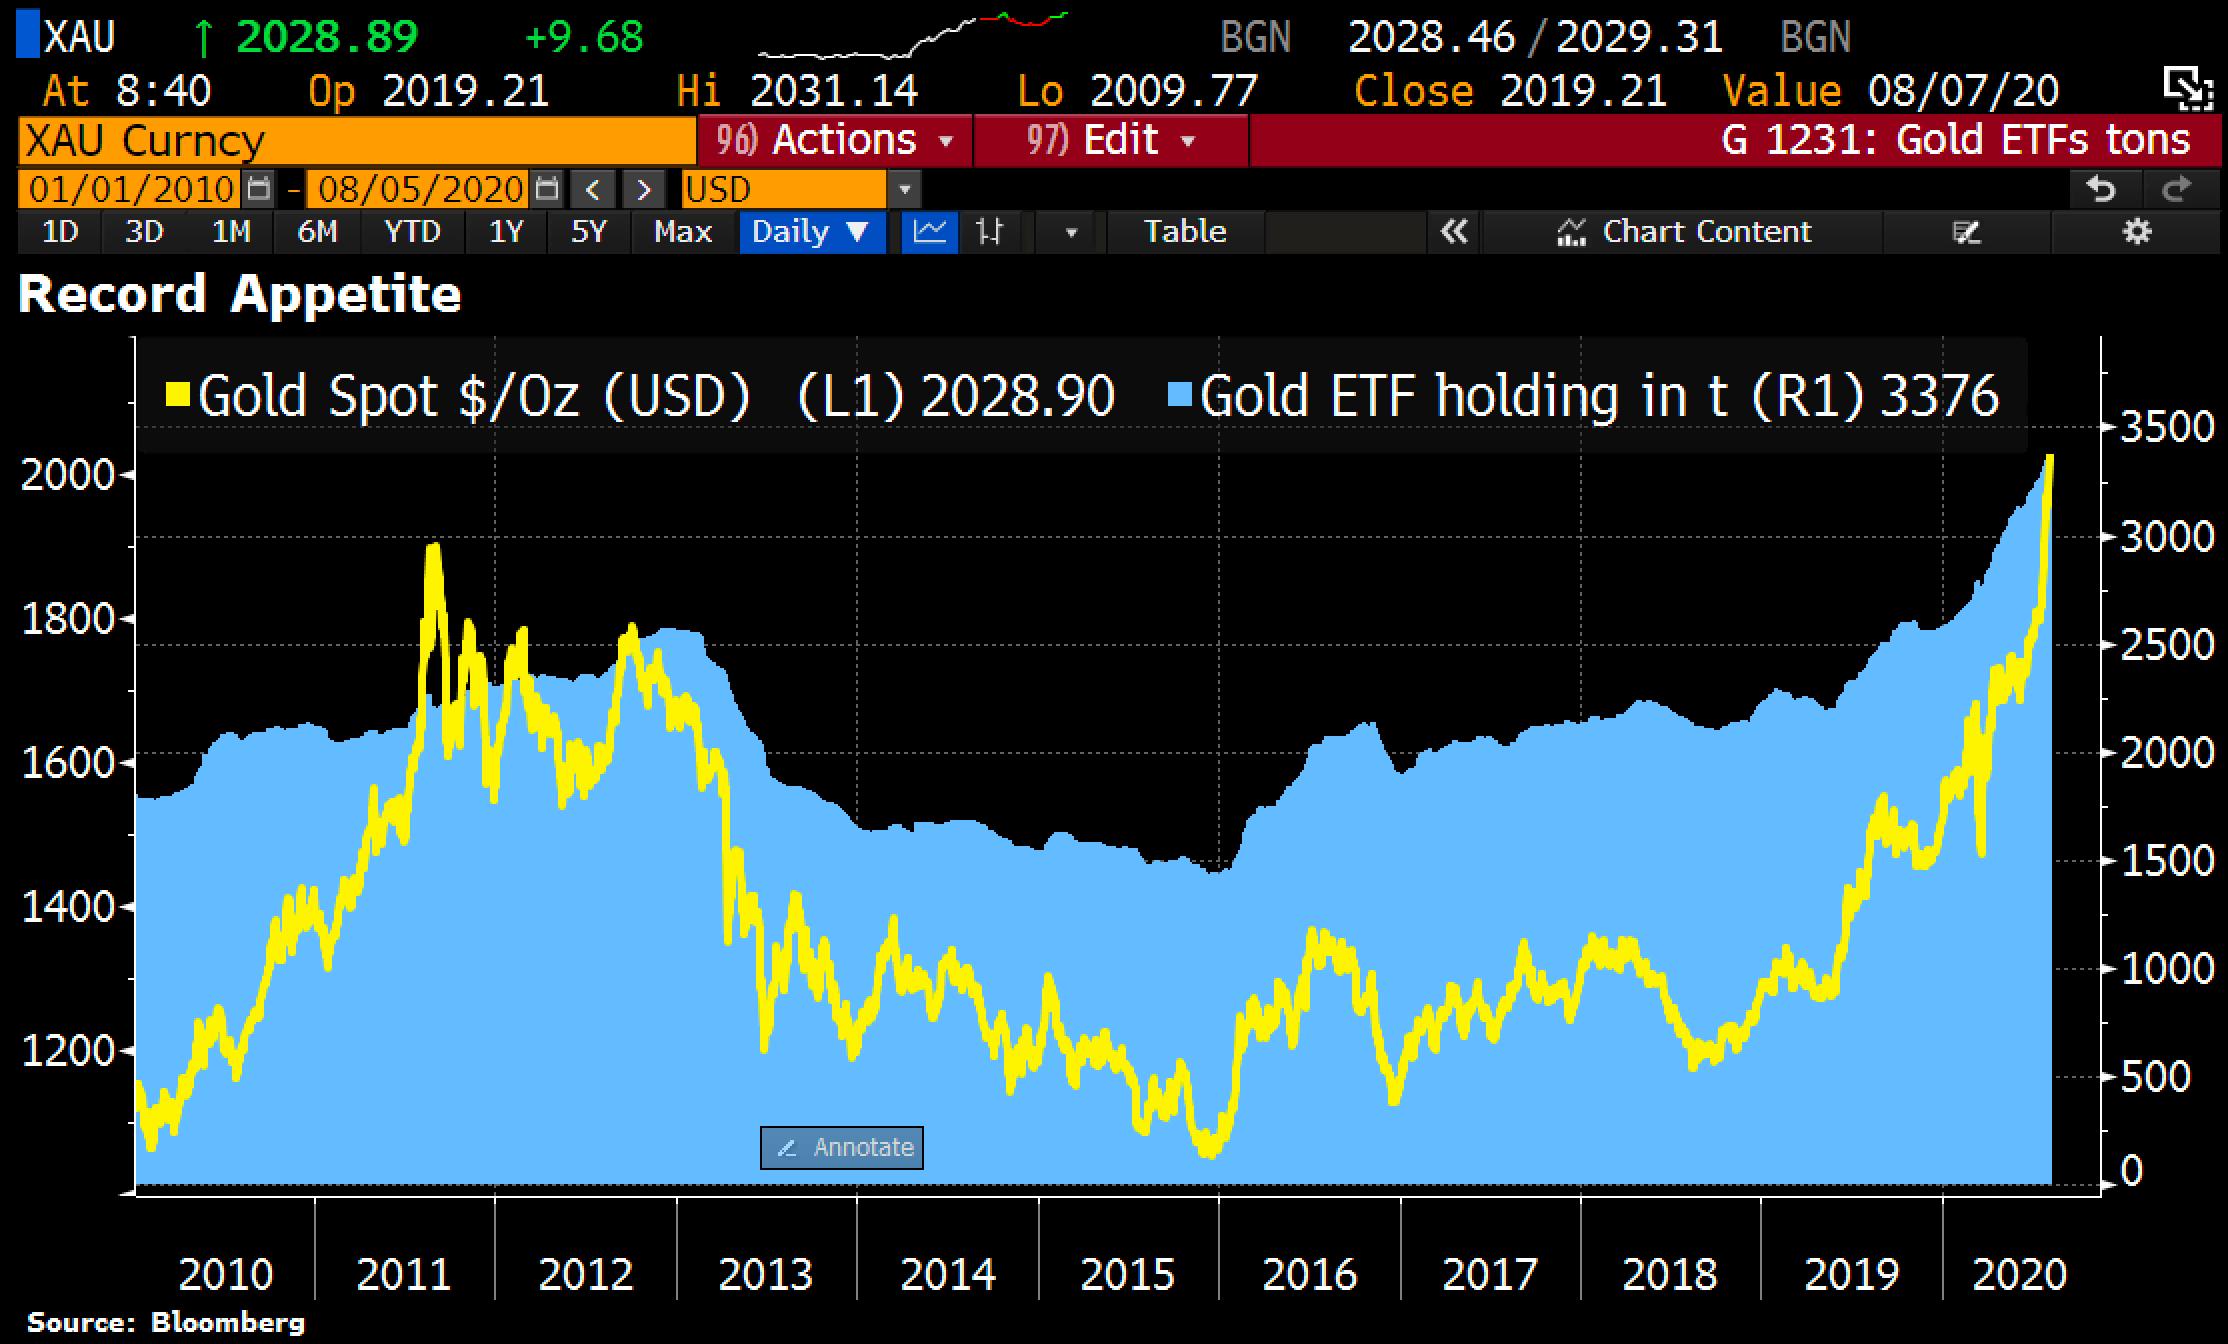 Grafer över guldpriset och ETF-fonders innehav av guld